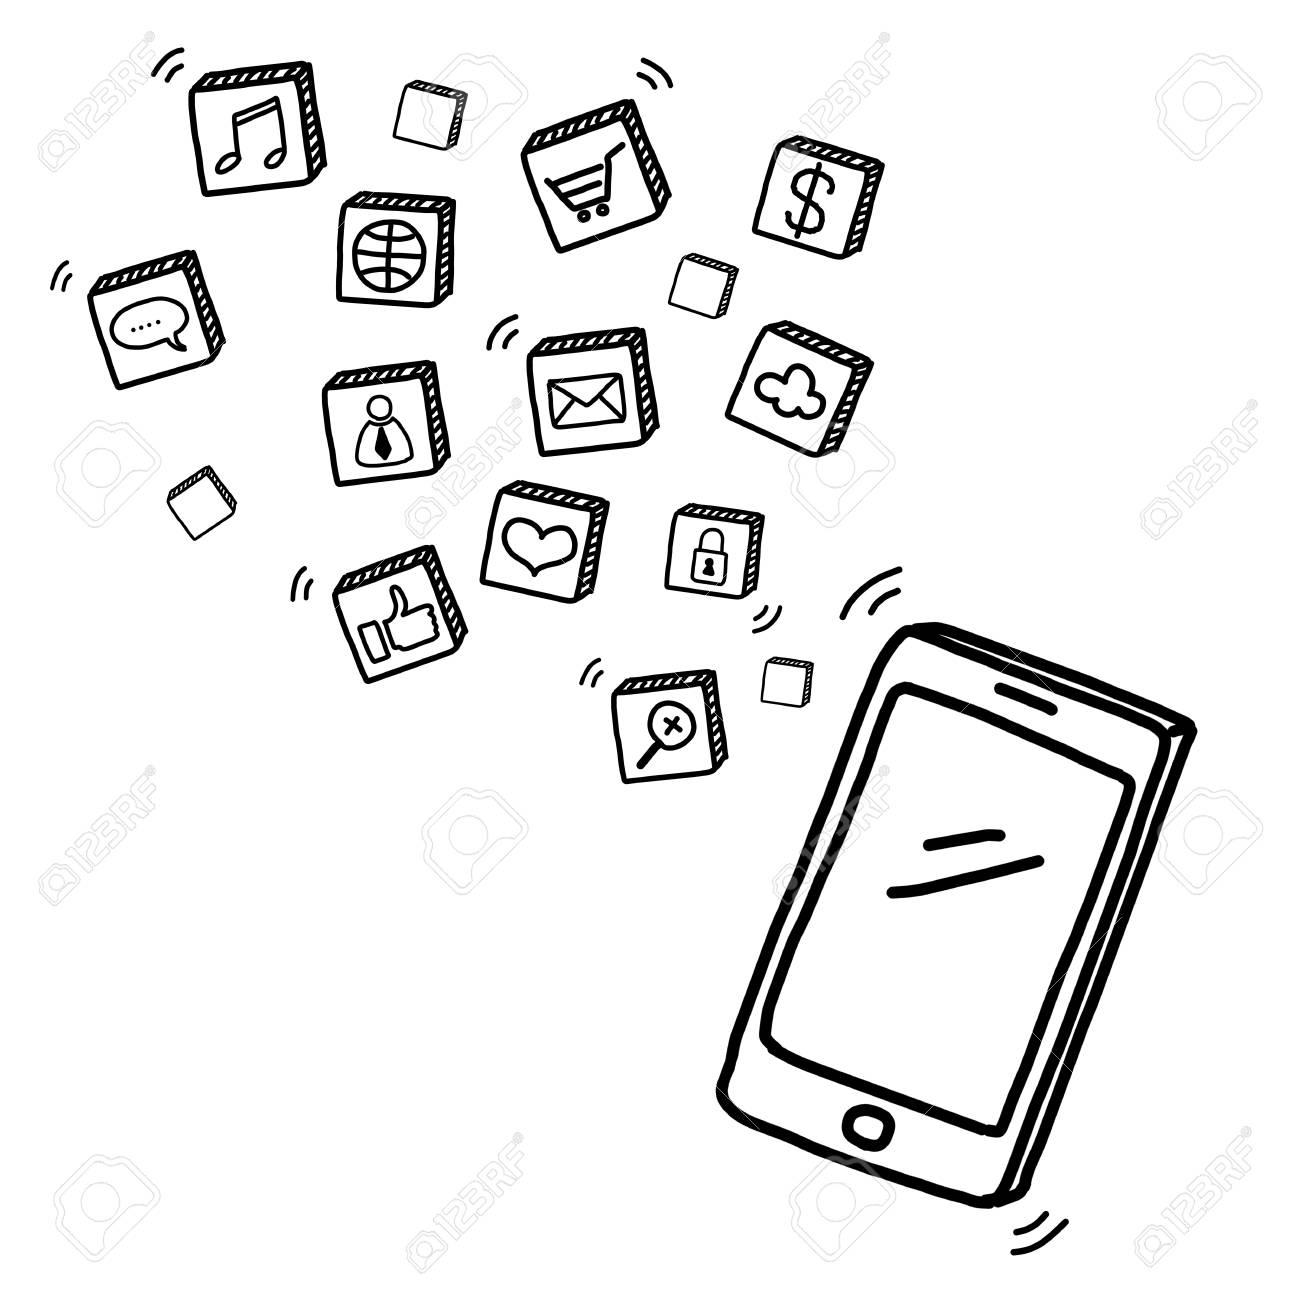 Computer Symbol Drawing At Getdrawings